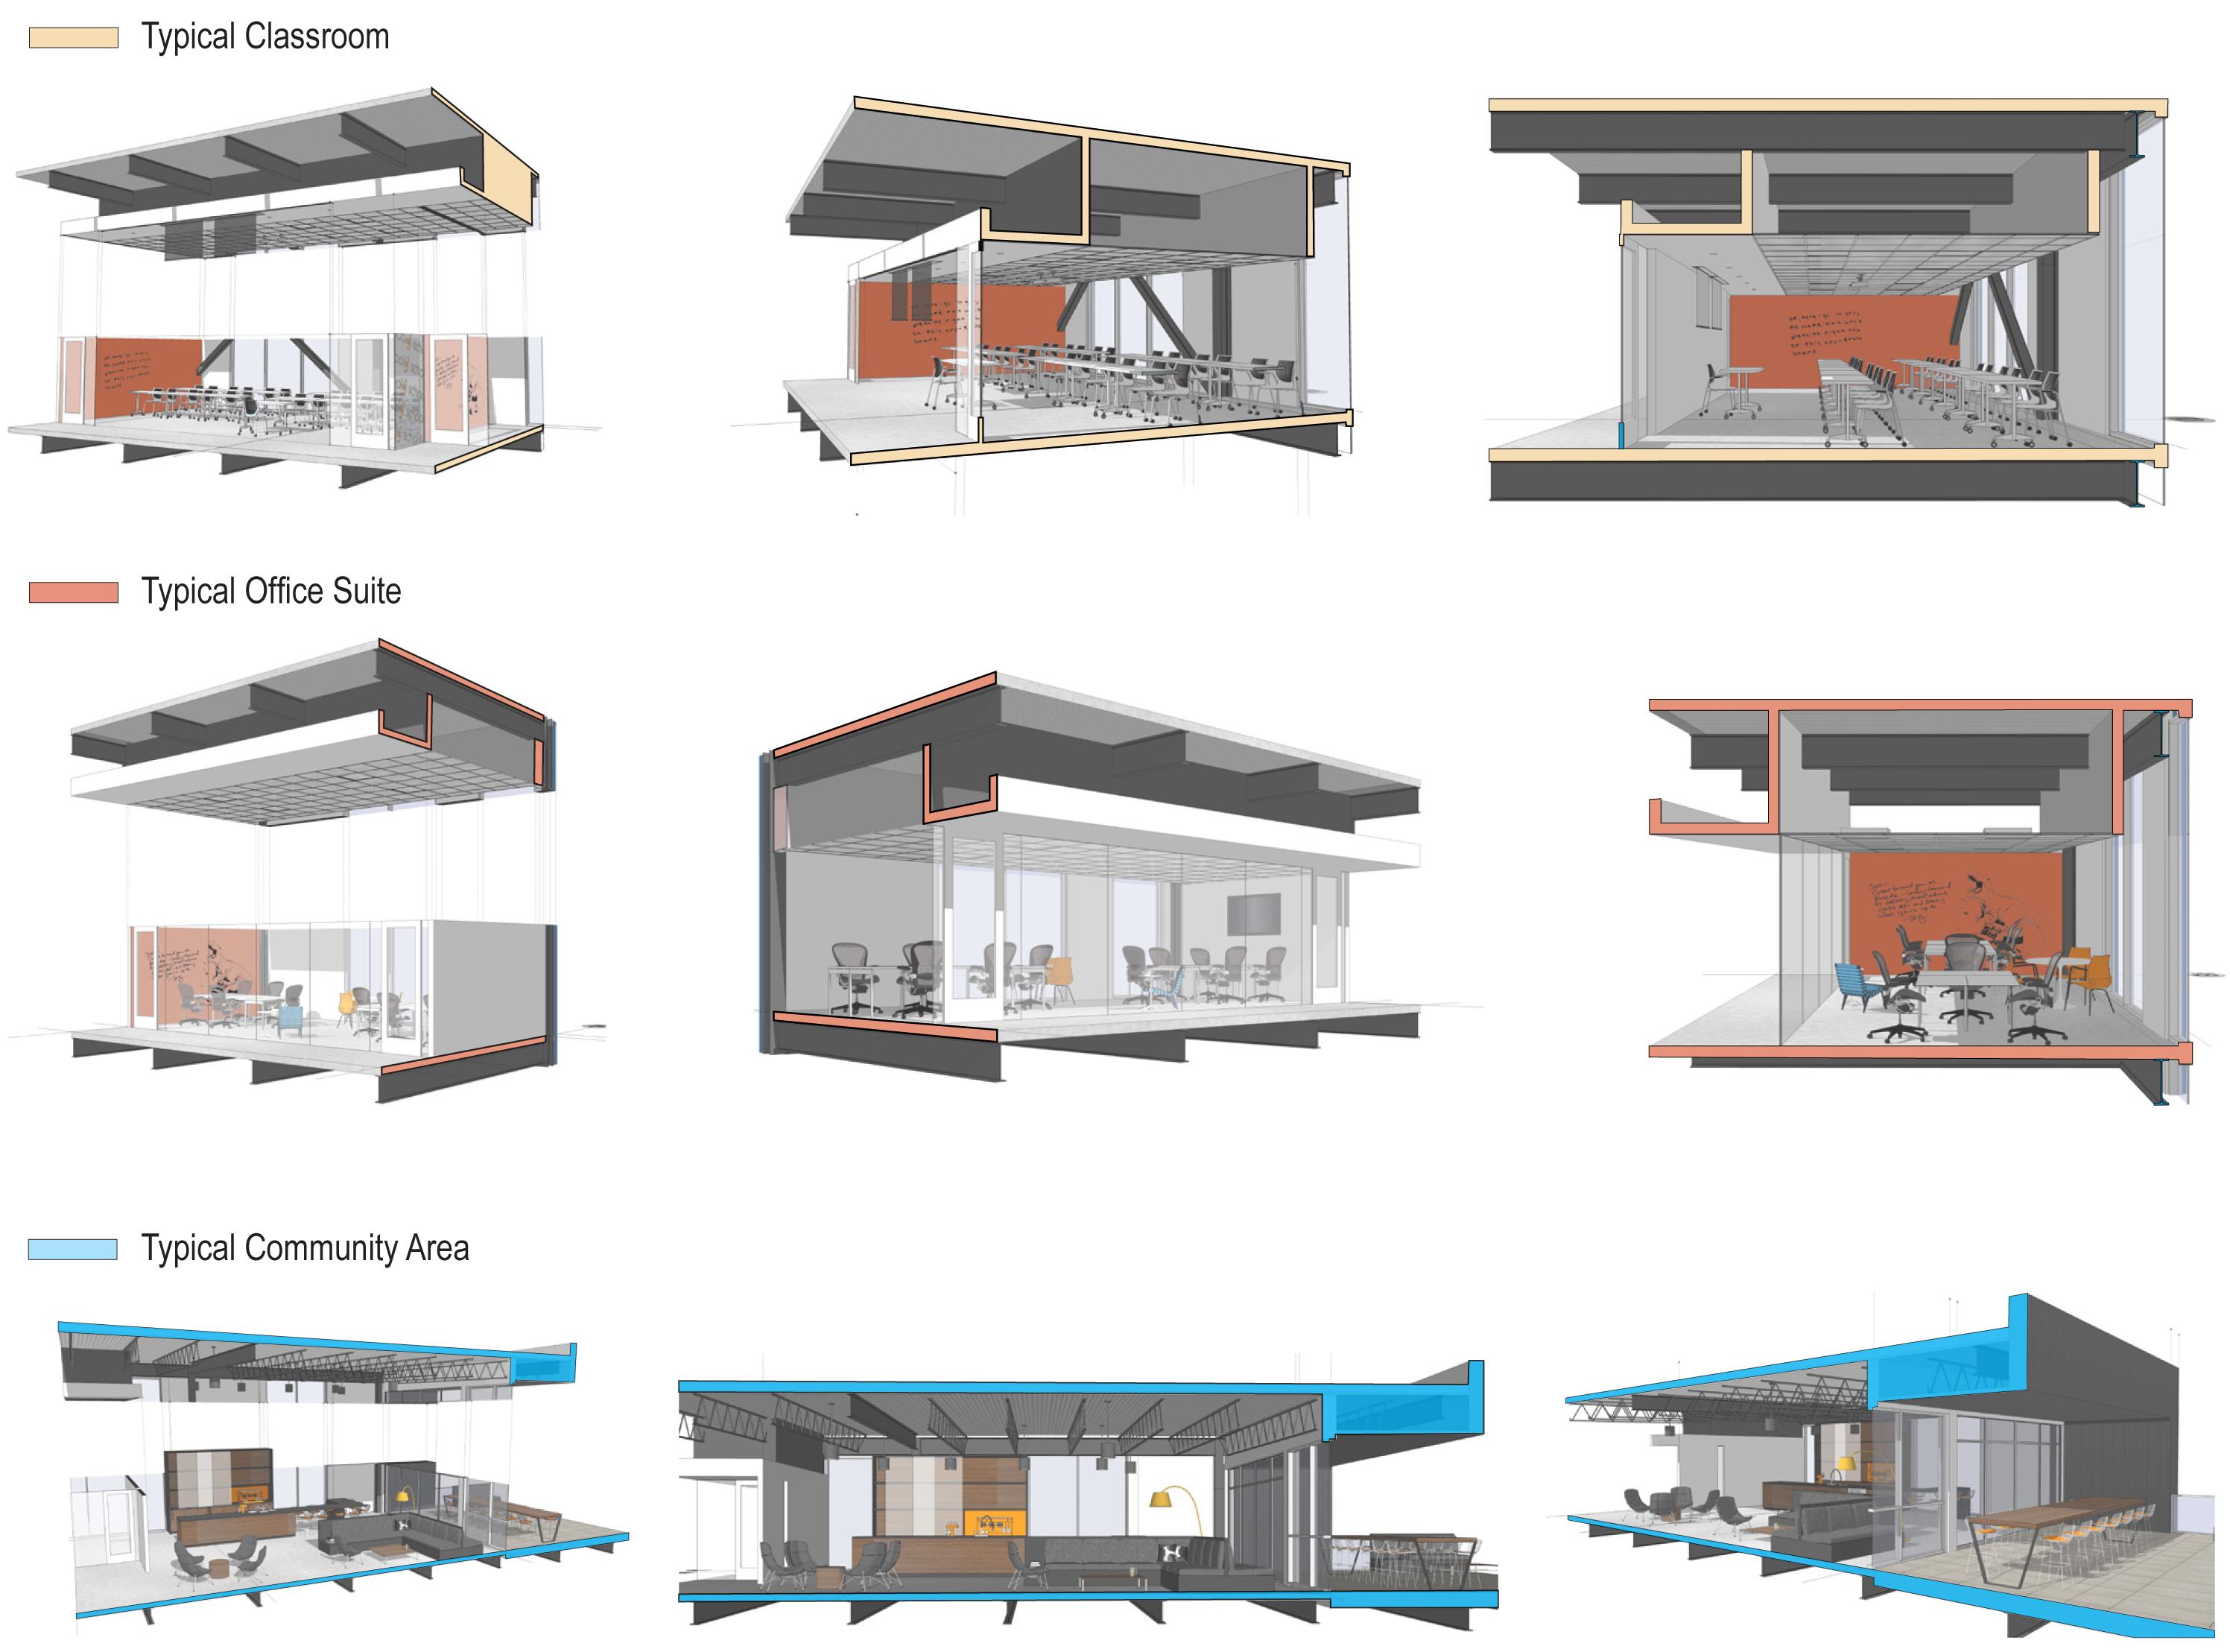 open studio architecture galvanize2 section diagrams OSA